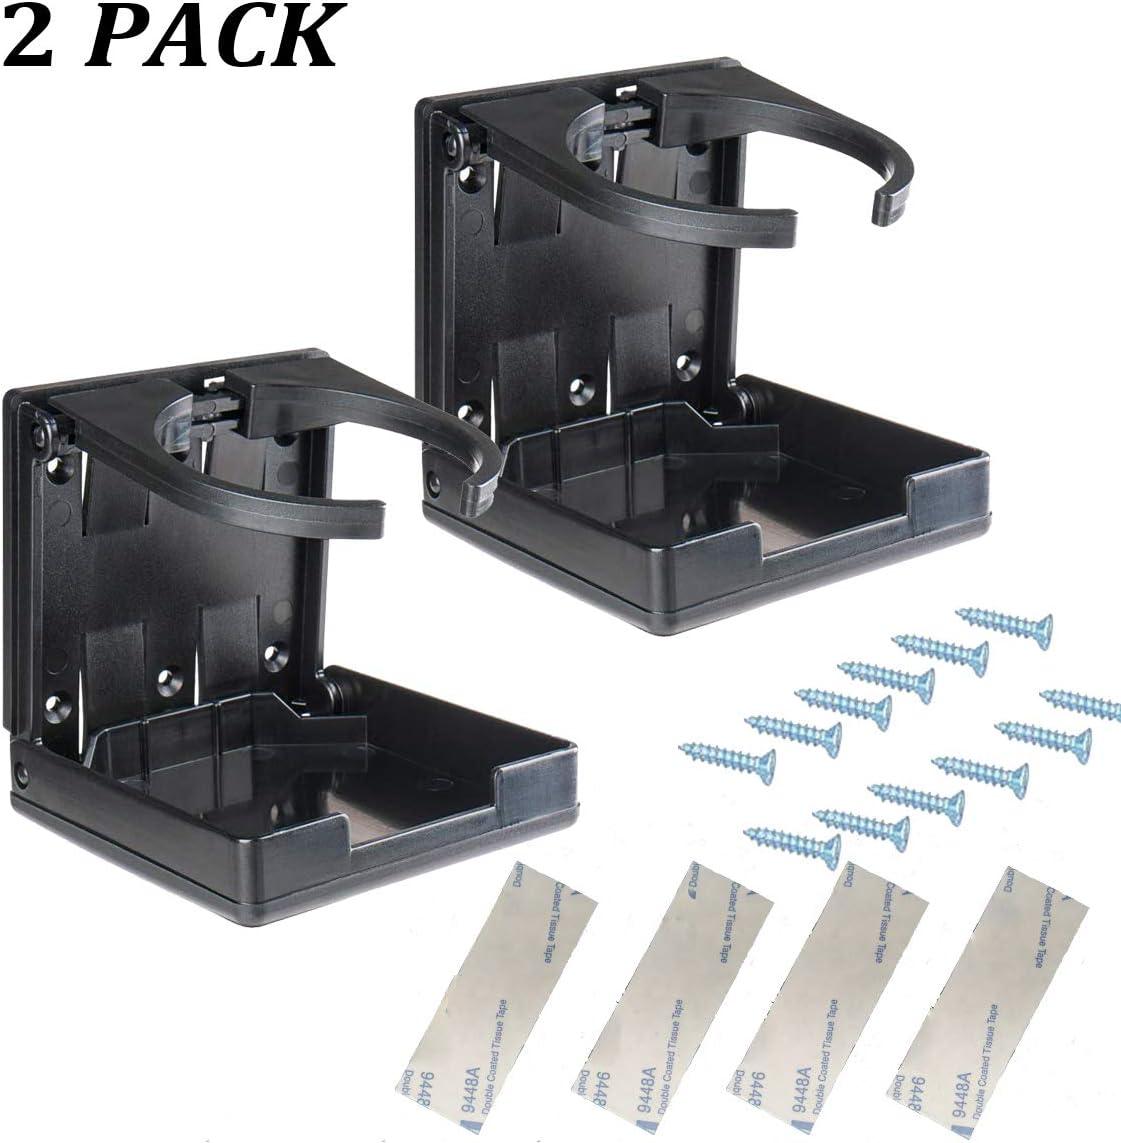 LUFOX 2PCS Adjustable Folding Drink Holder with Screws/Adjustable Cup Holder for Marine/Boat/Caravan/Car (Black)